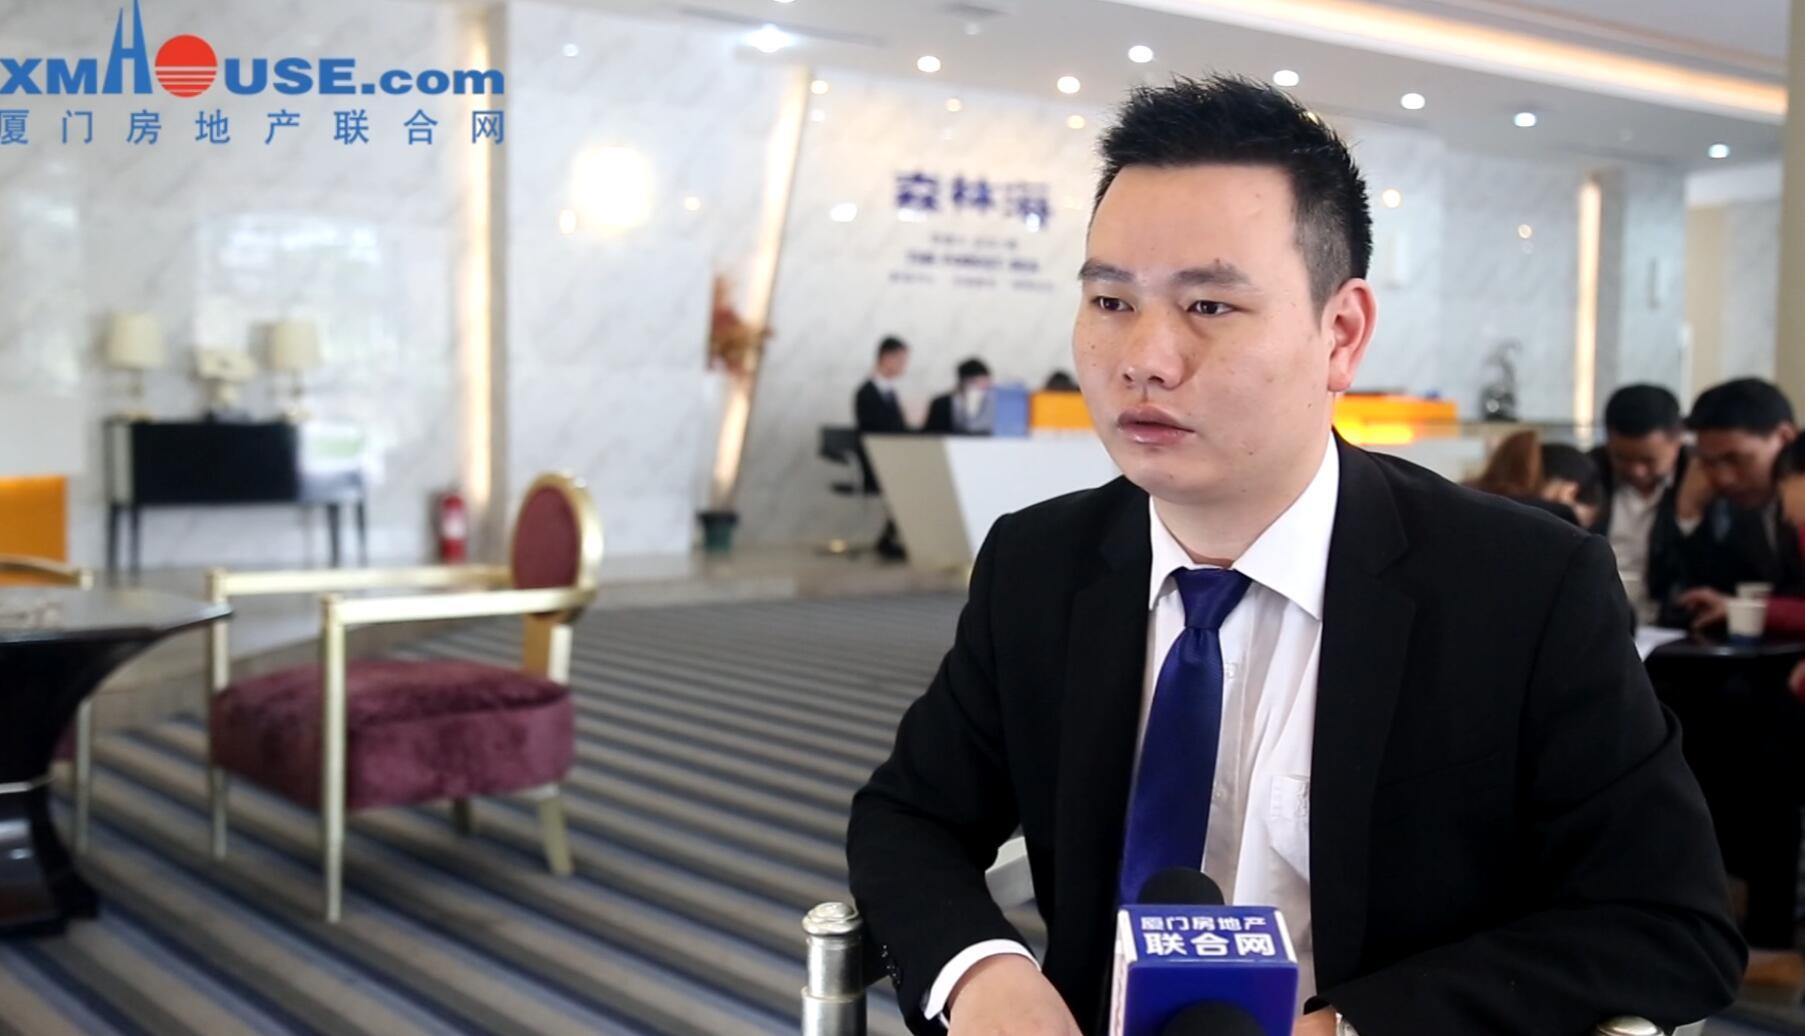 俞联亮:环东海域未来明朗 投资价值高